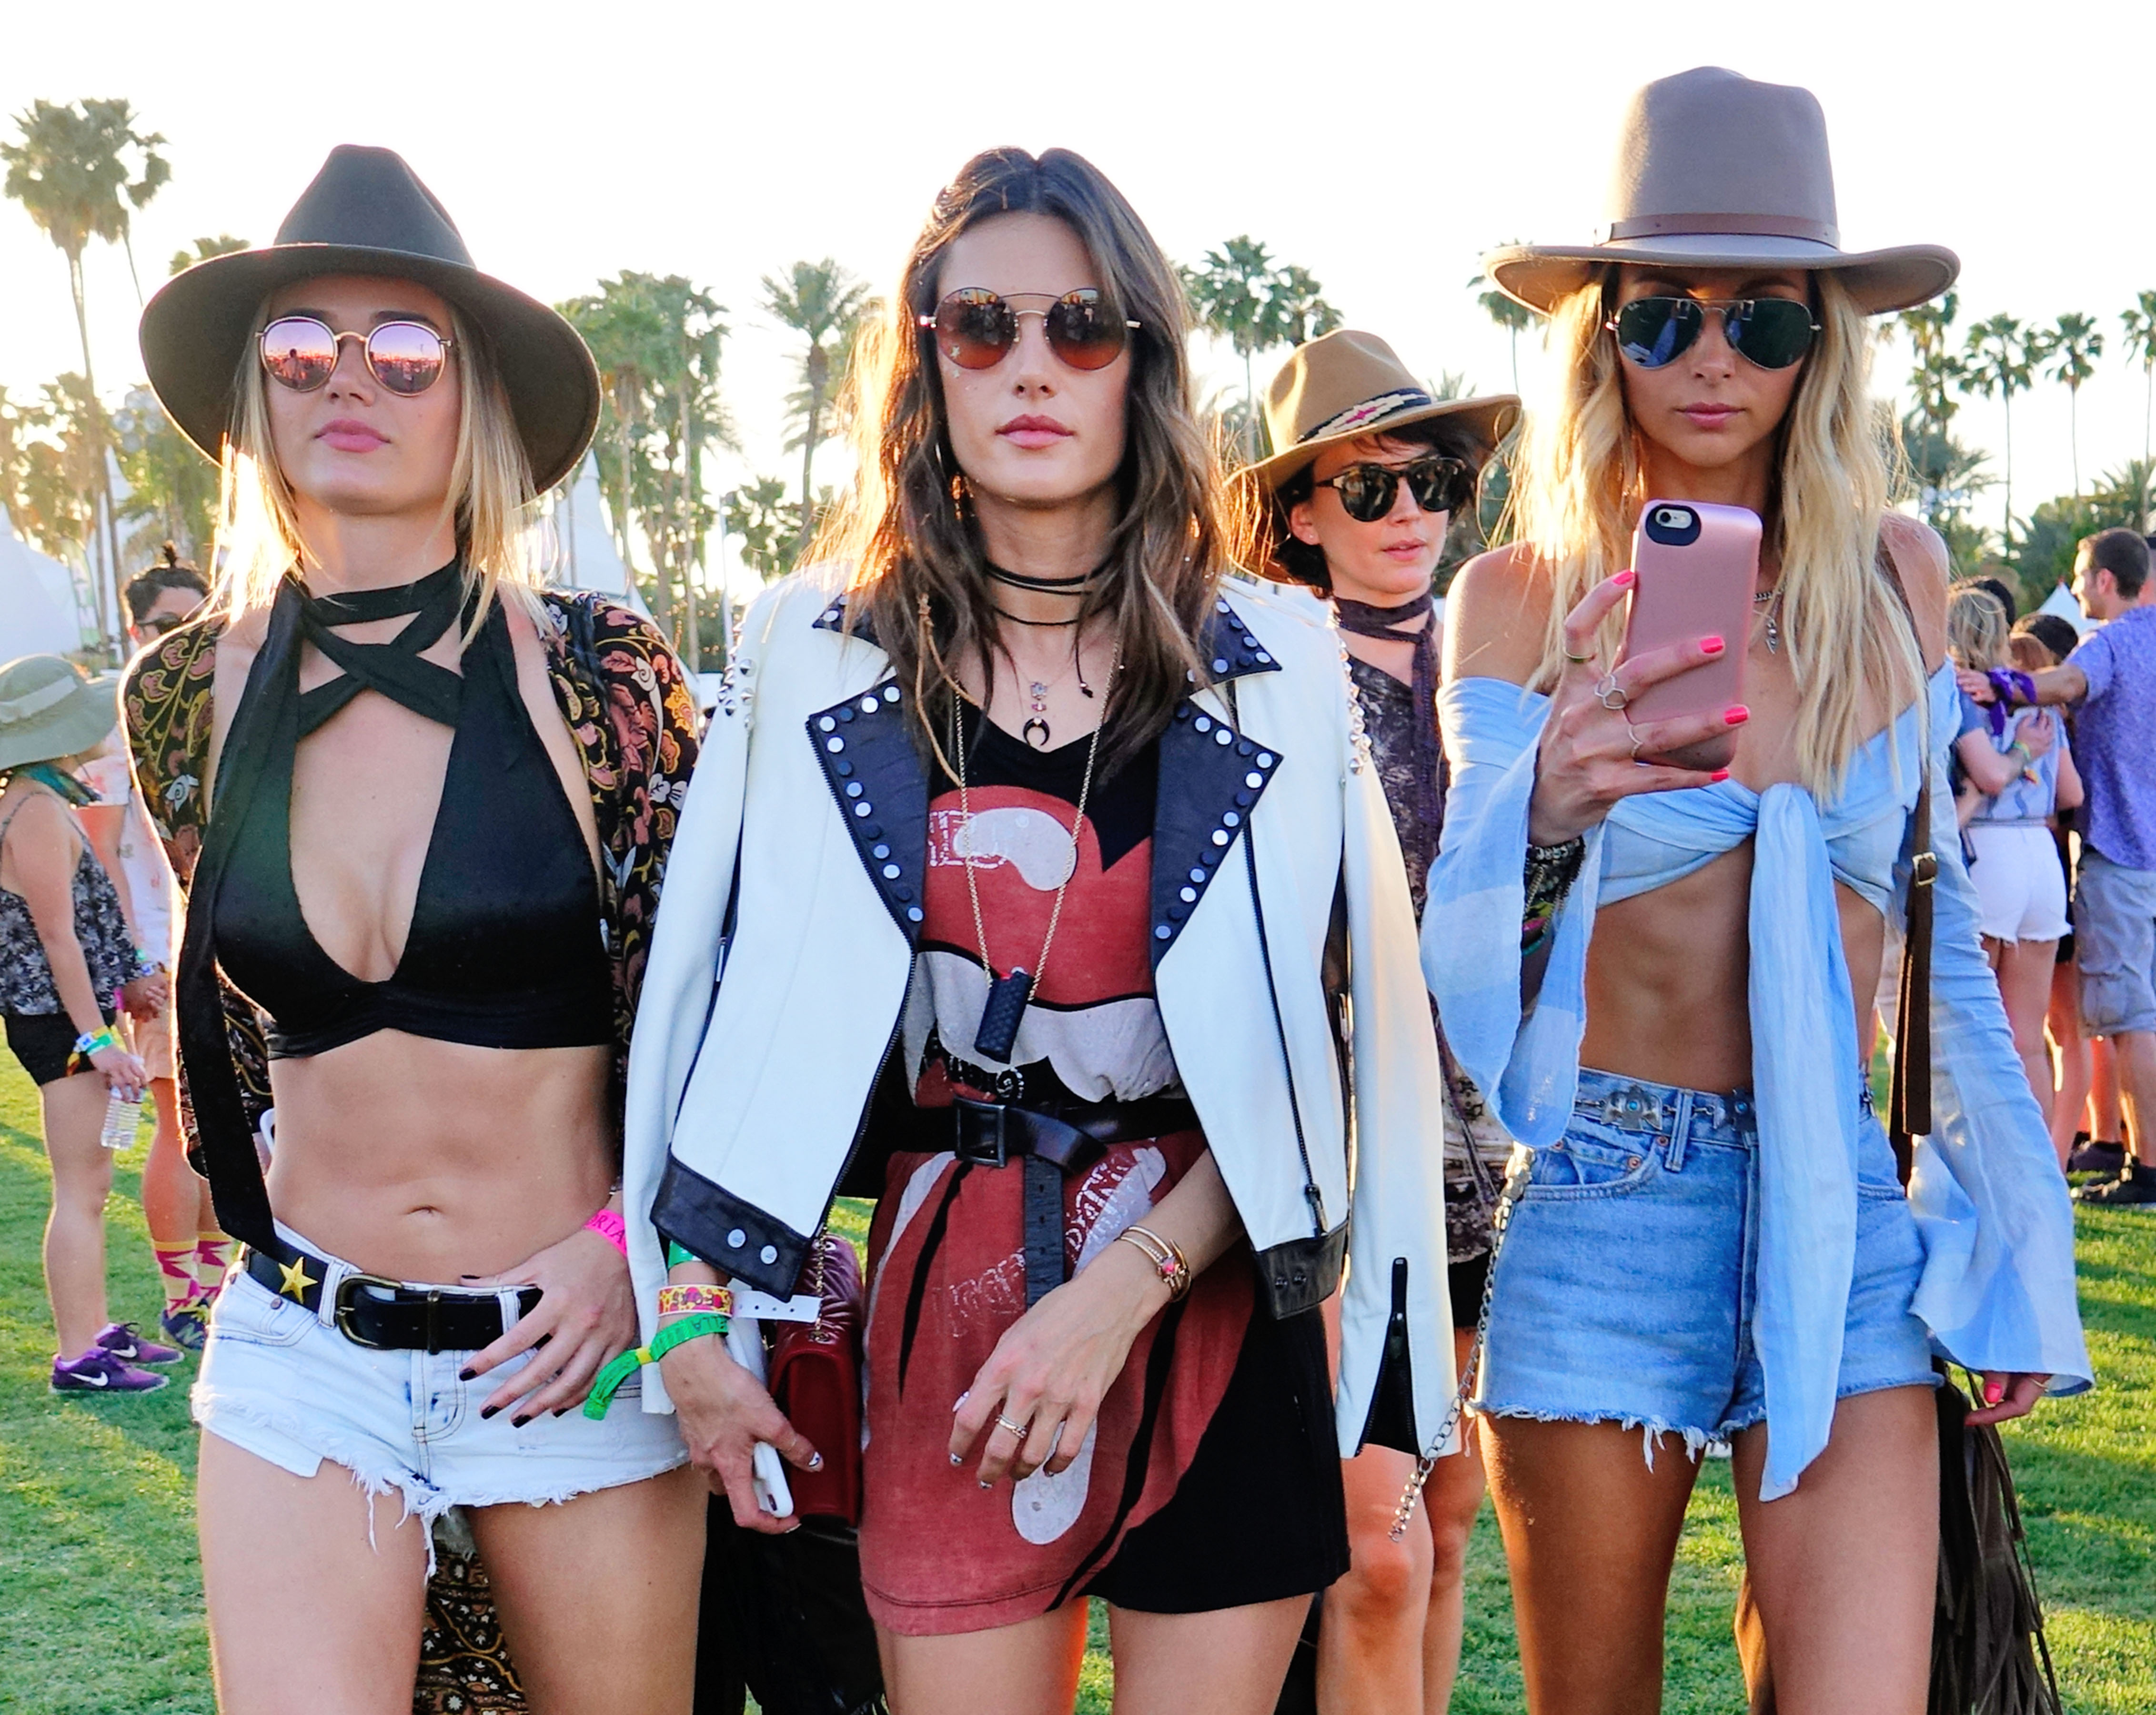 Moda en Coachella 2017: estas celebridades le ponen estilo al festival fuera de los escenarios